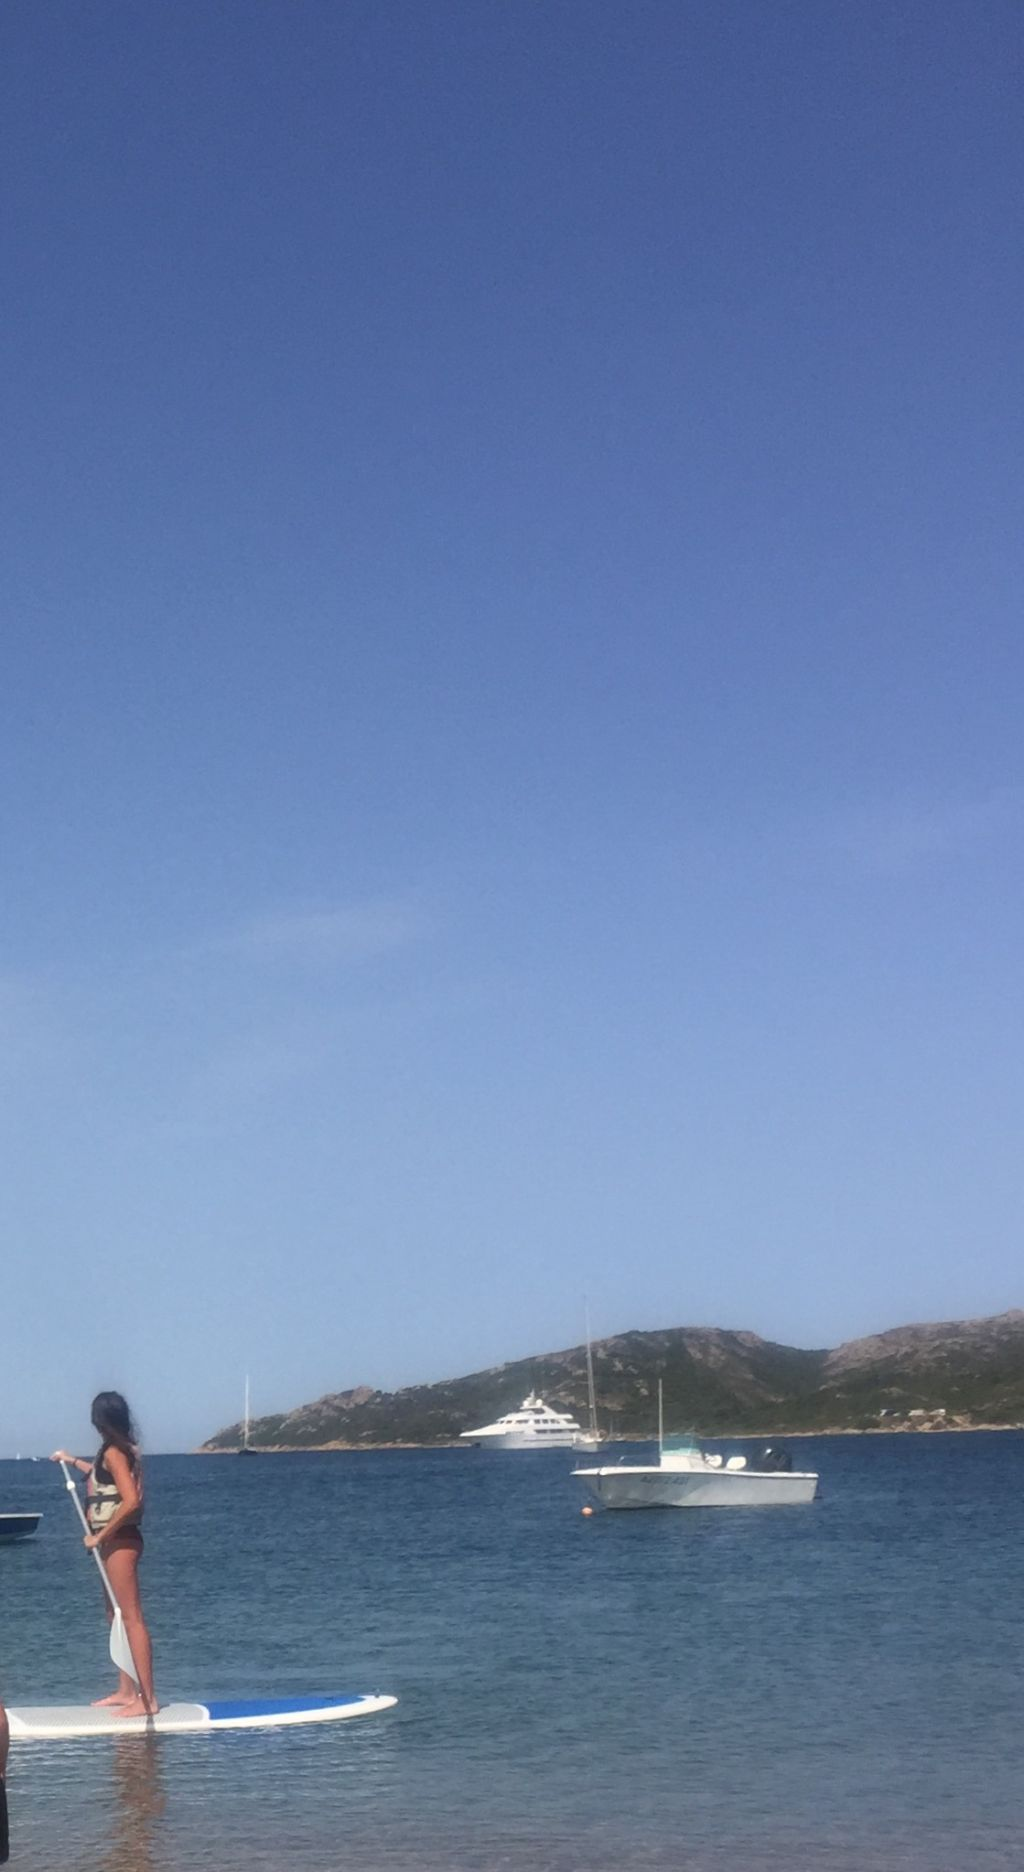 Une journée à Santa Manza au Maora Beach Sailing